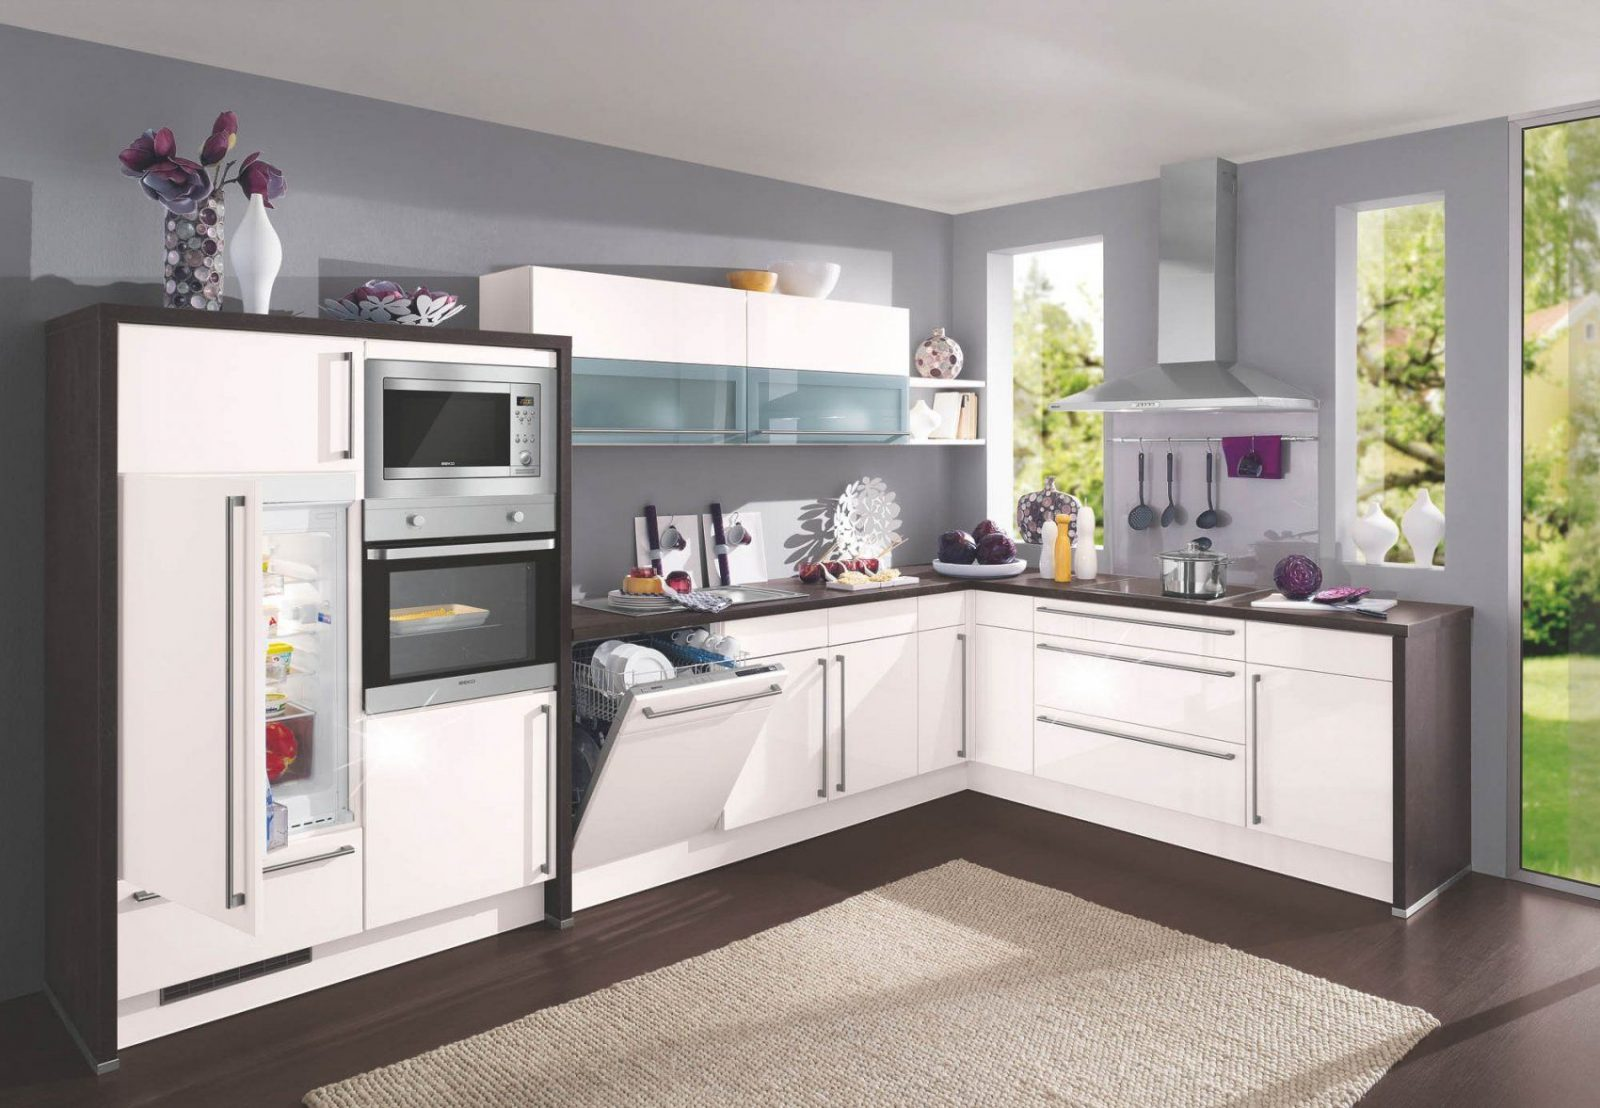 Einbauküche Lform In L Form Top Gnstig Kaufen Poolami Kuche Roller von Roller Küchen L Form Bild